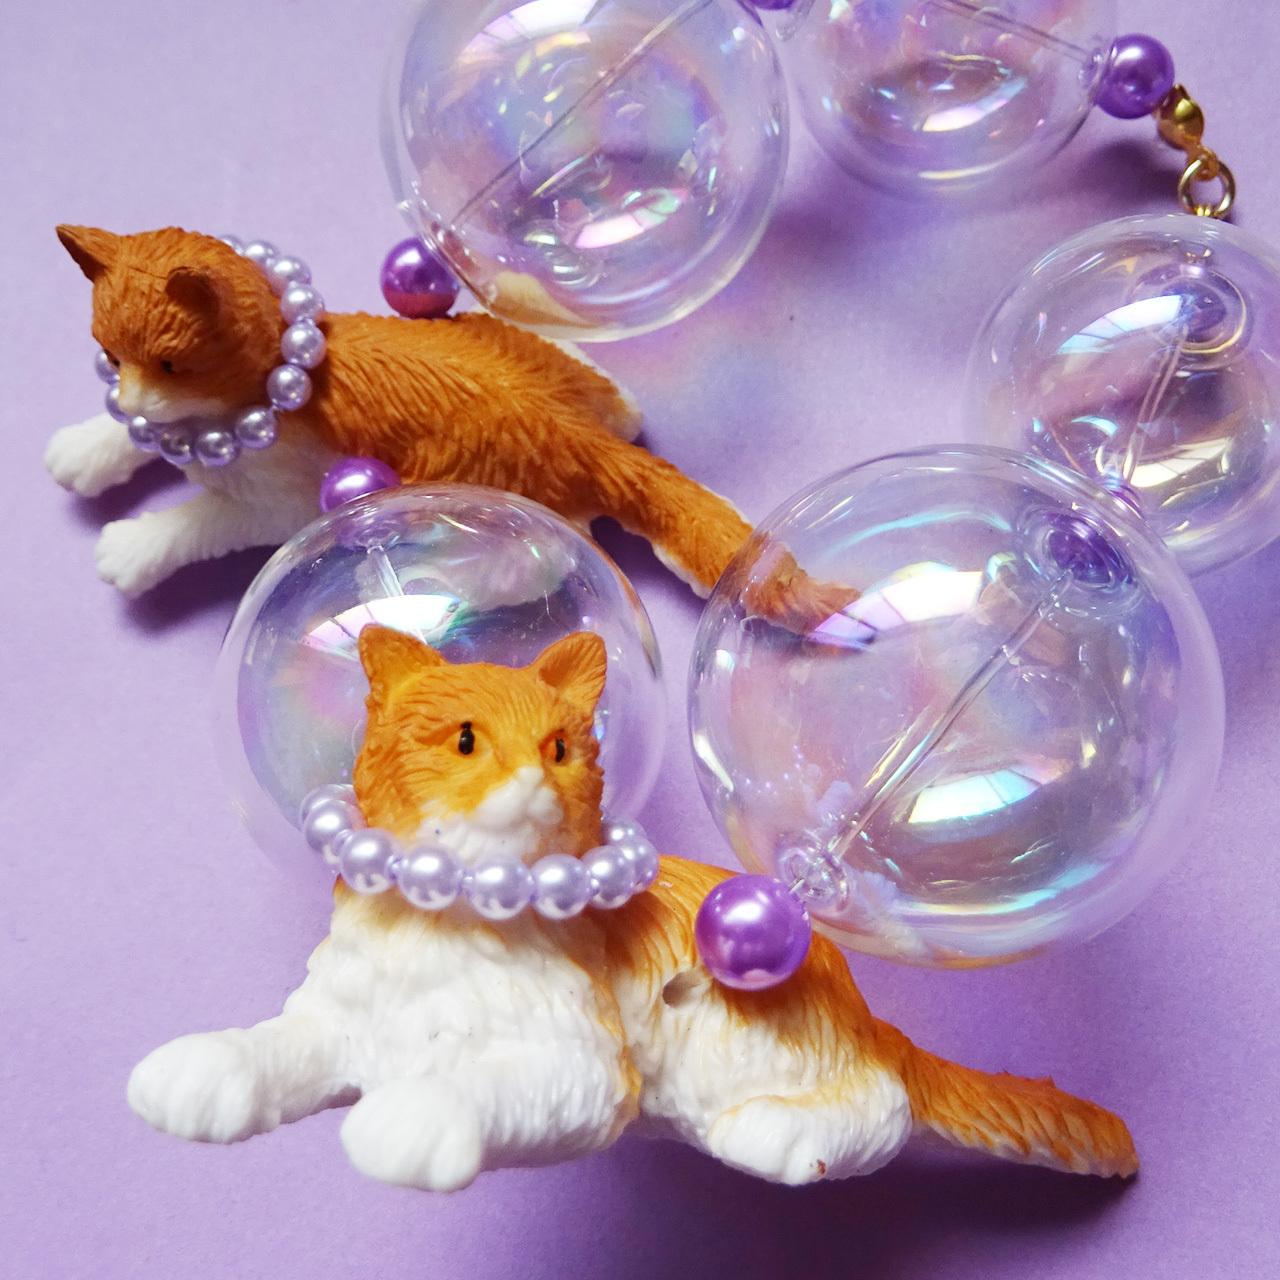 Sedmikrasky セドミックラスキー バブル猫ブレスレット / オレンジ×パープル